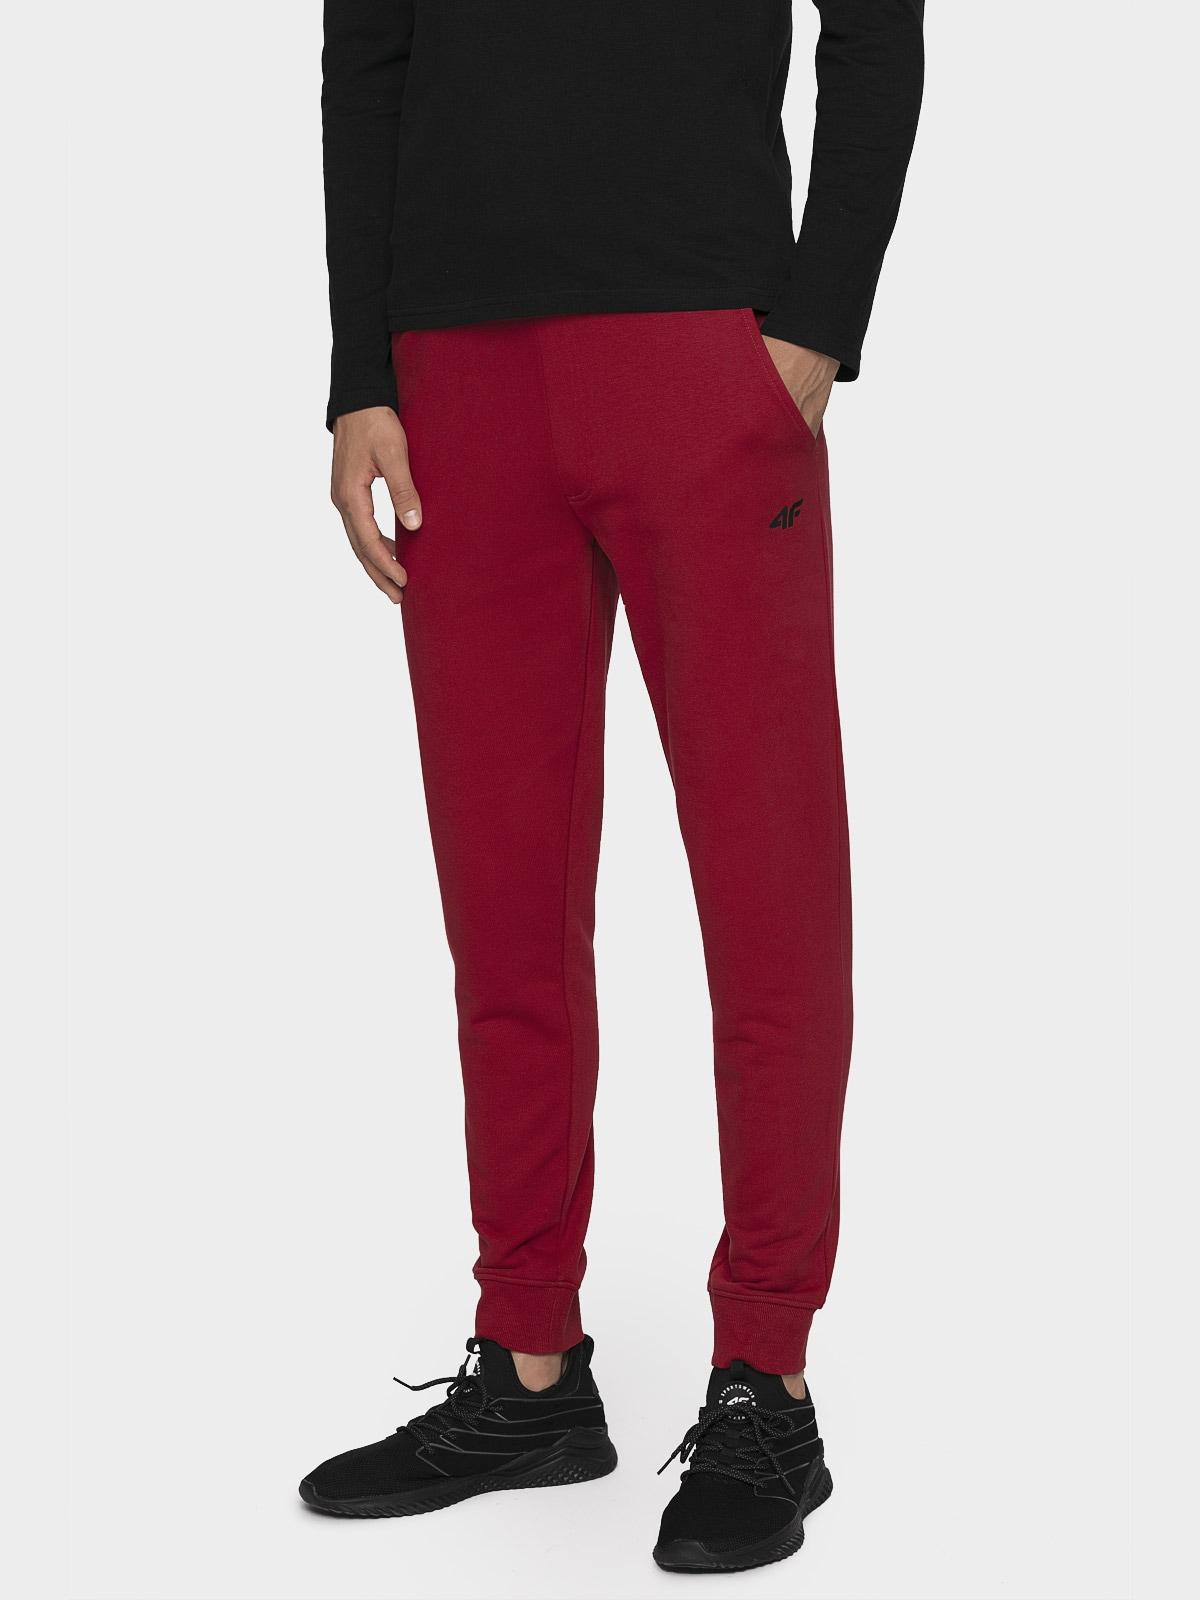 Pantaloni pentru bărbați SPMD300 - roșu închis